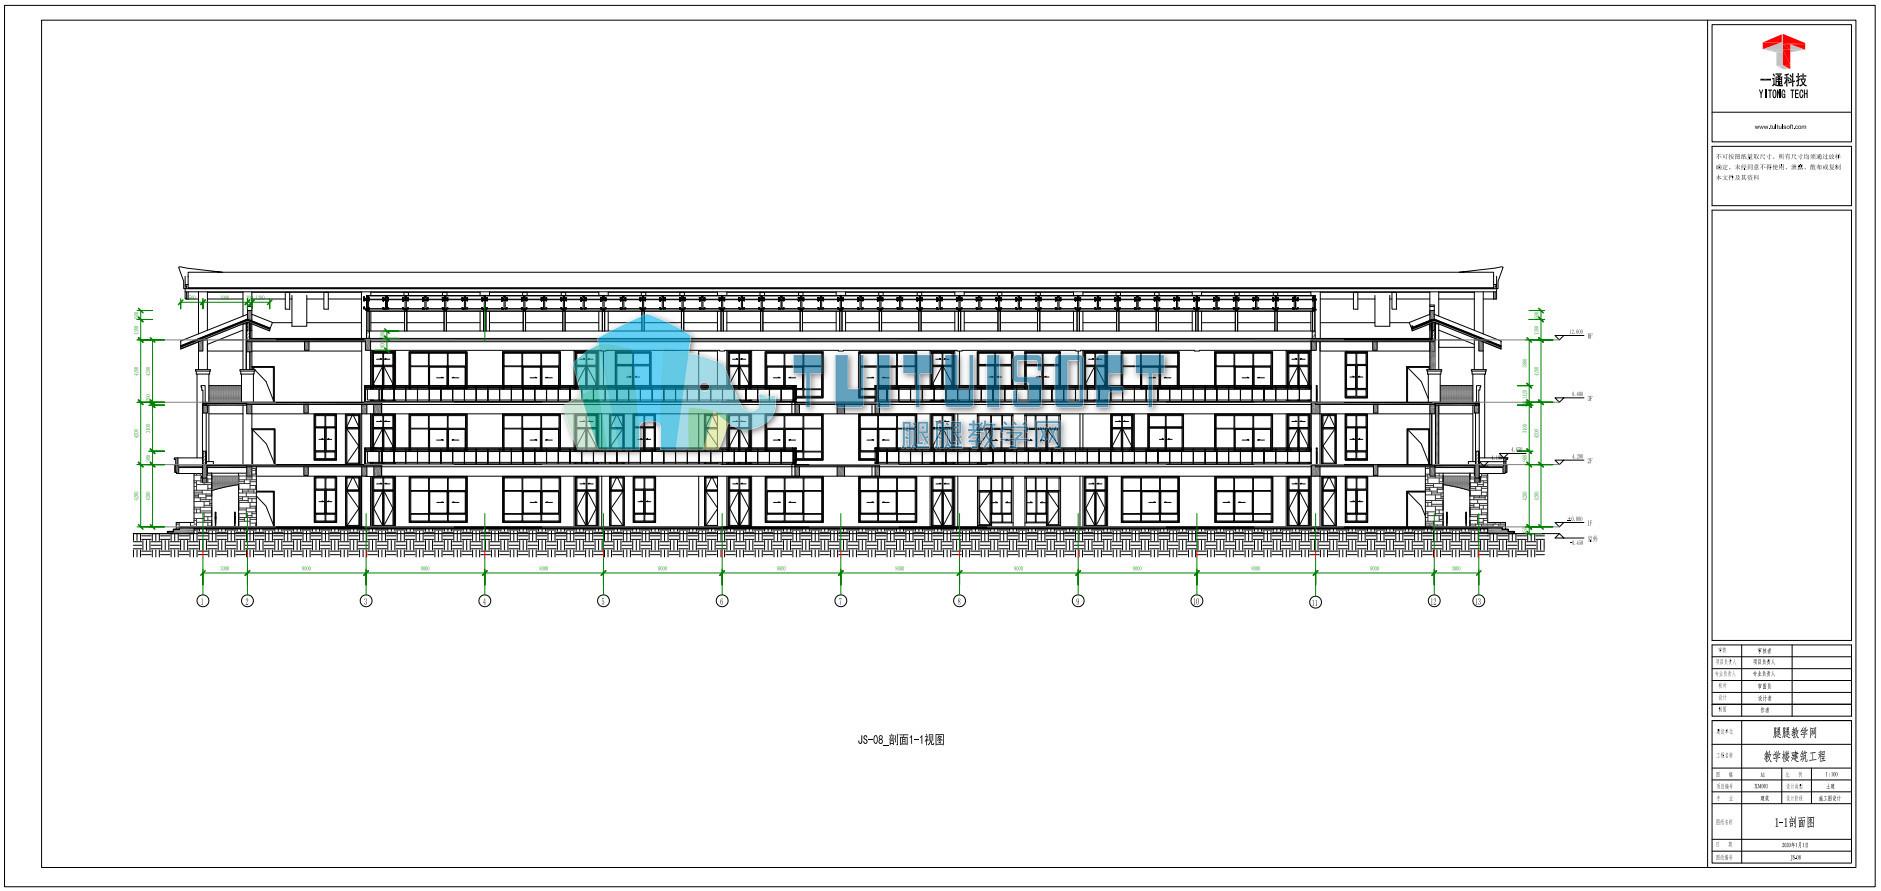 教学楼剖面图.jpg